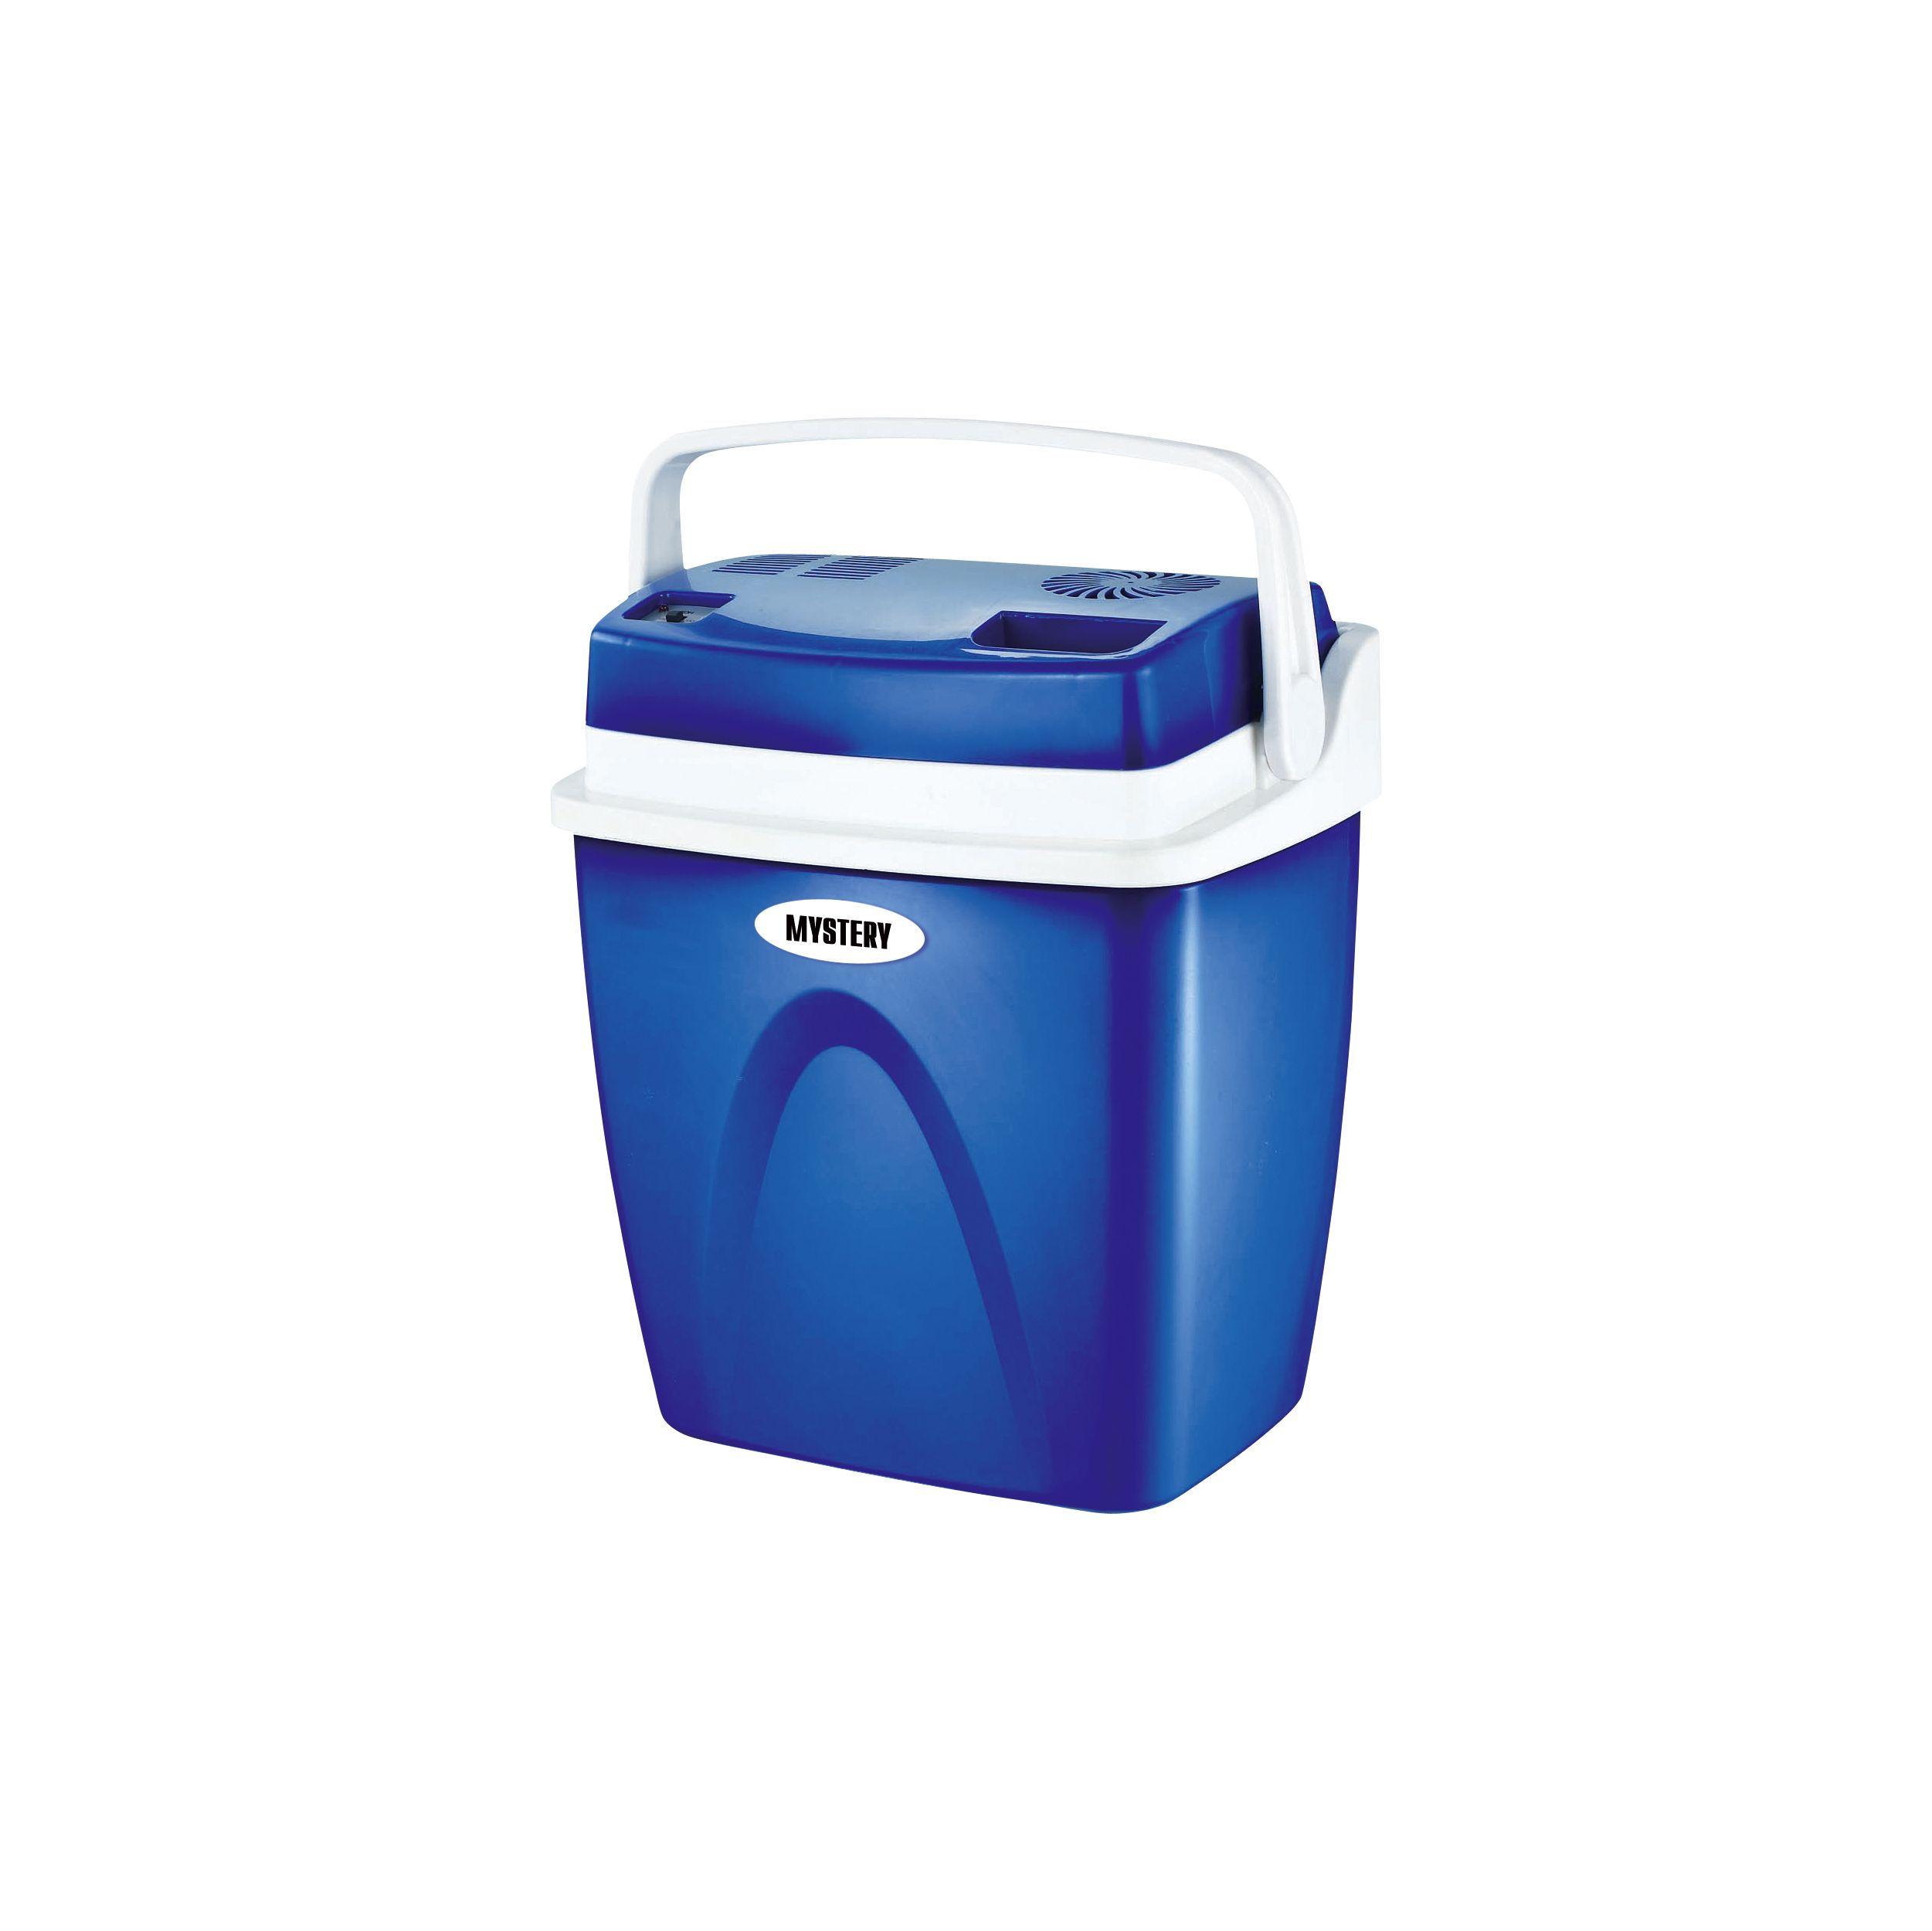 Термохолодильник Mystery MTC-21 от Ravta